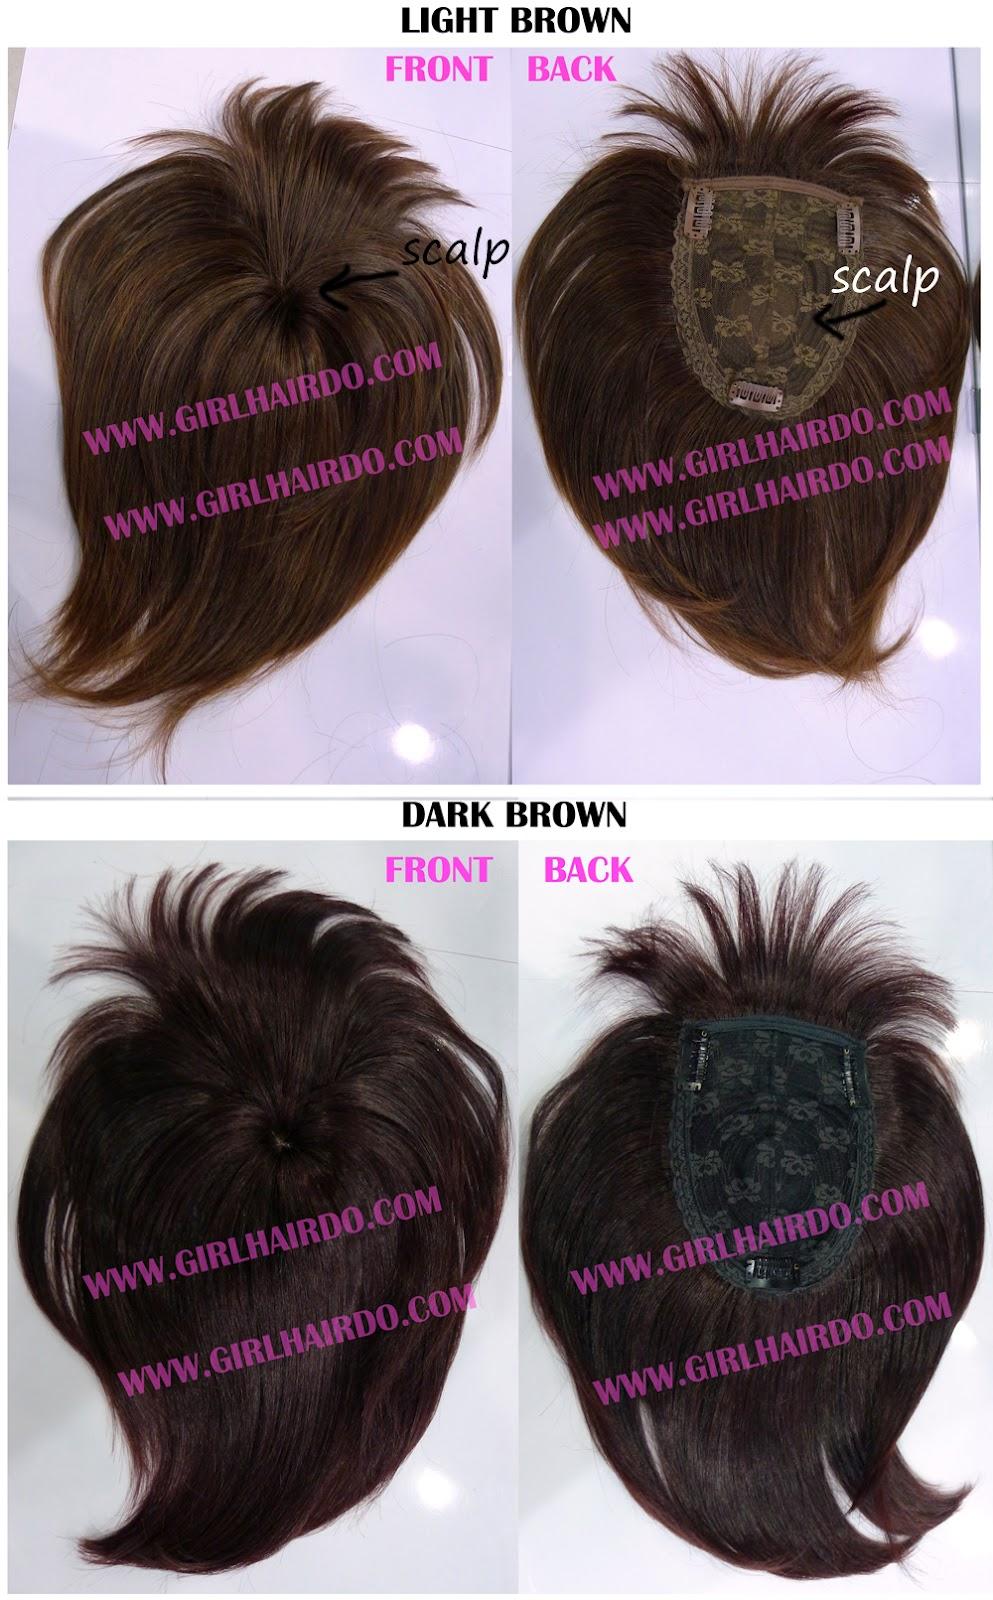 http://4.bp.blogspot.com/-RB75xu_W5Wc/UEN3lIqaTWI/AAAAAAAAKgM/yAUhJB7wg6g/s1600/P1000111.JPG